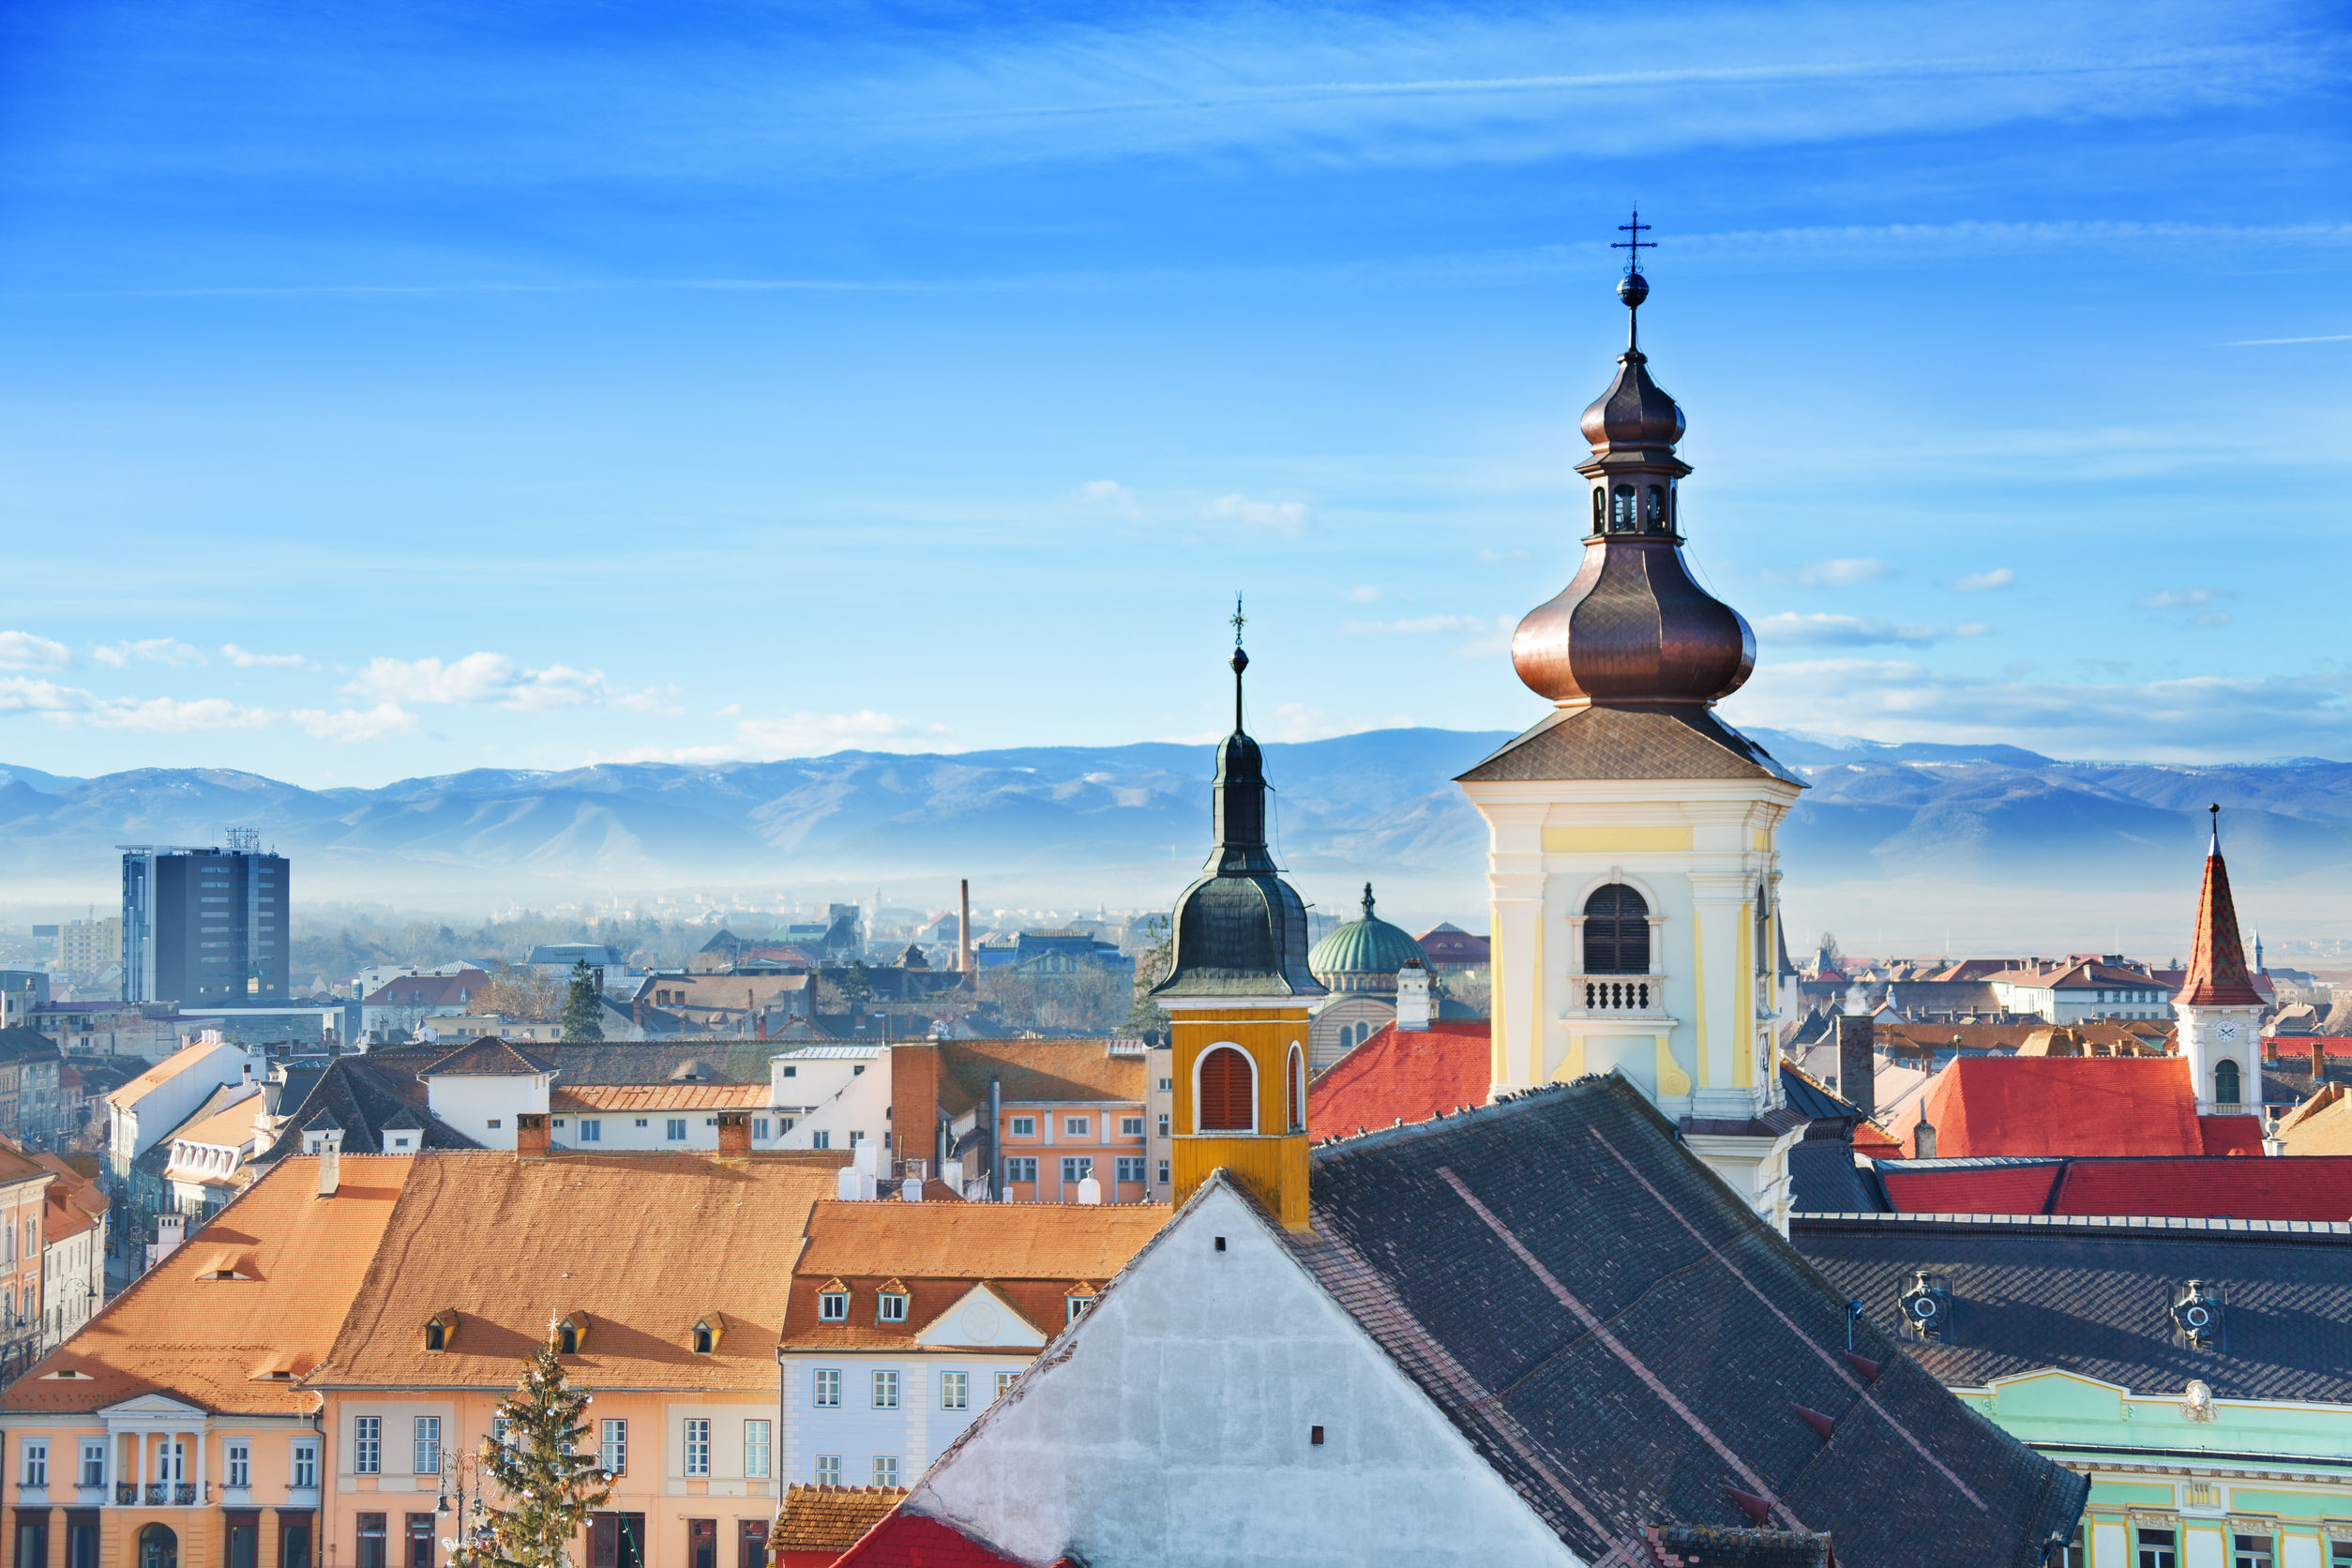 Premierul Marelui Ducat de Luxemburg, la 10 ani de la programul comun Capitală Culturală Europeană: Sibiu este pentru noi un oraş important şi astăzi vom avea un nou consul care va fi instalat aici